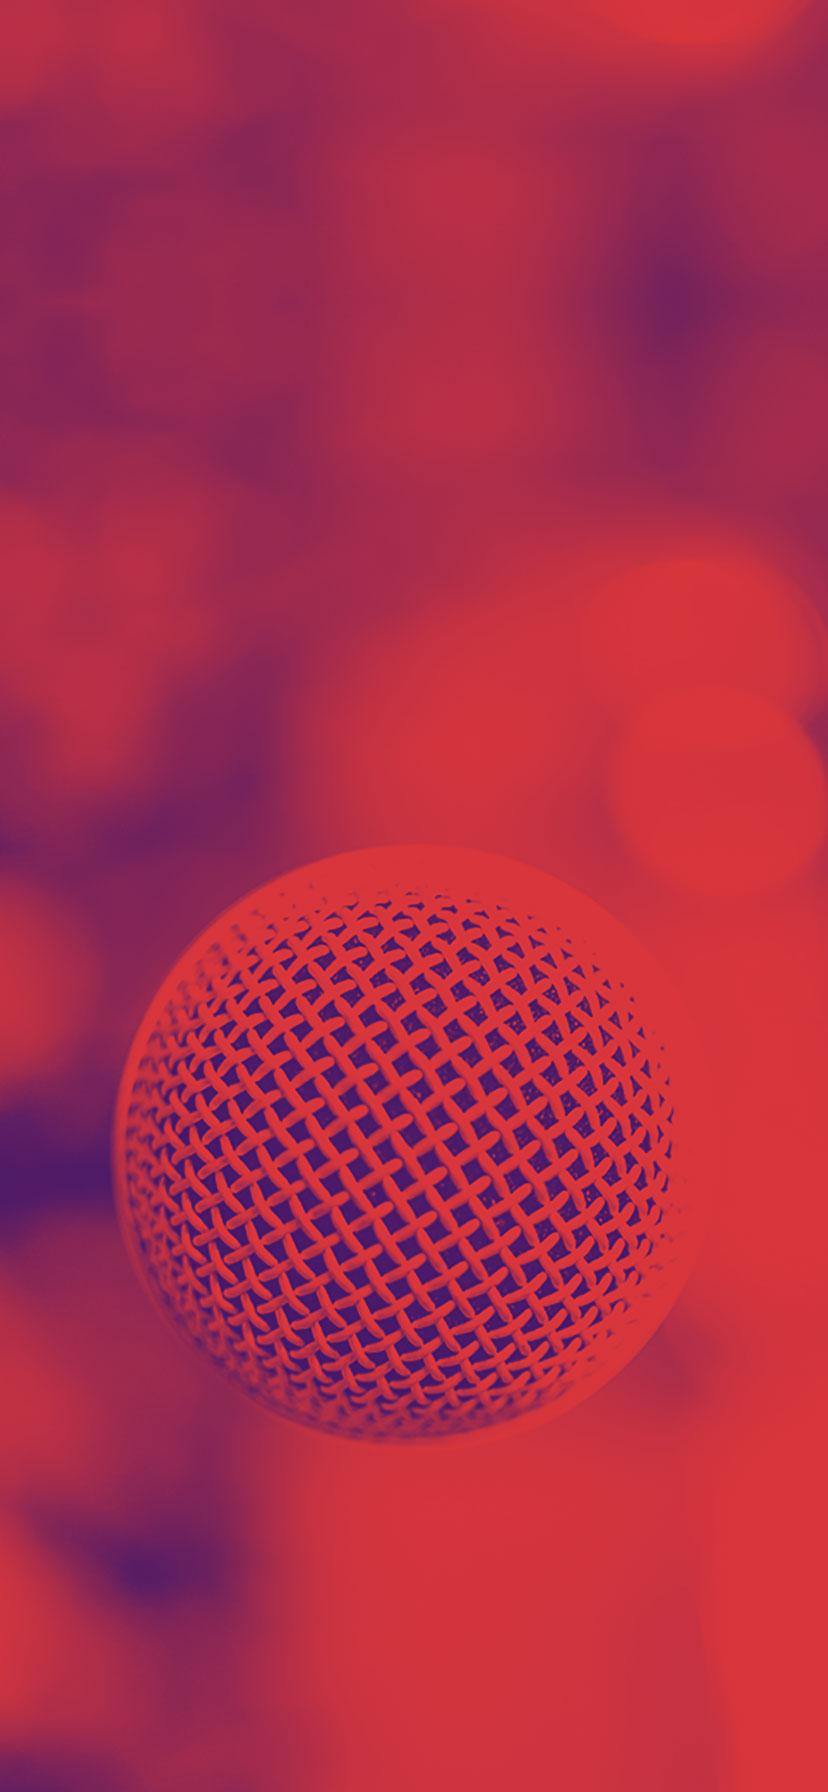 Die Agentur Reingold ist die ideenreiche Werbeagentur für effektives Dialogmarketing.